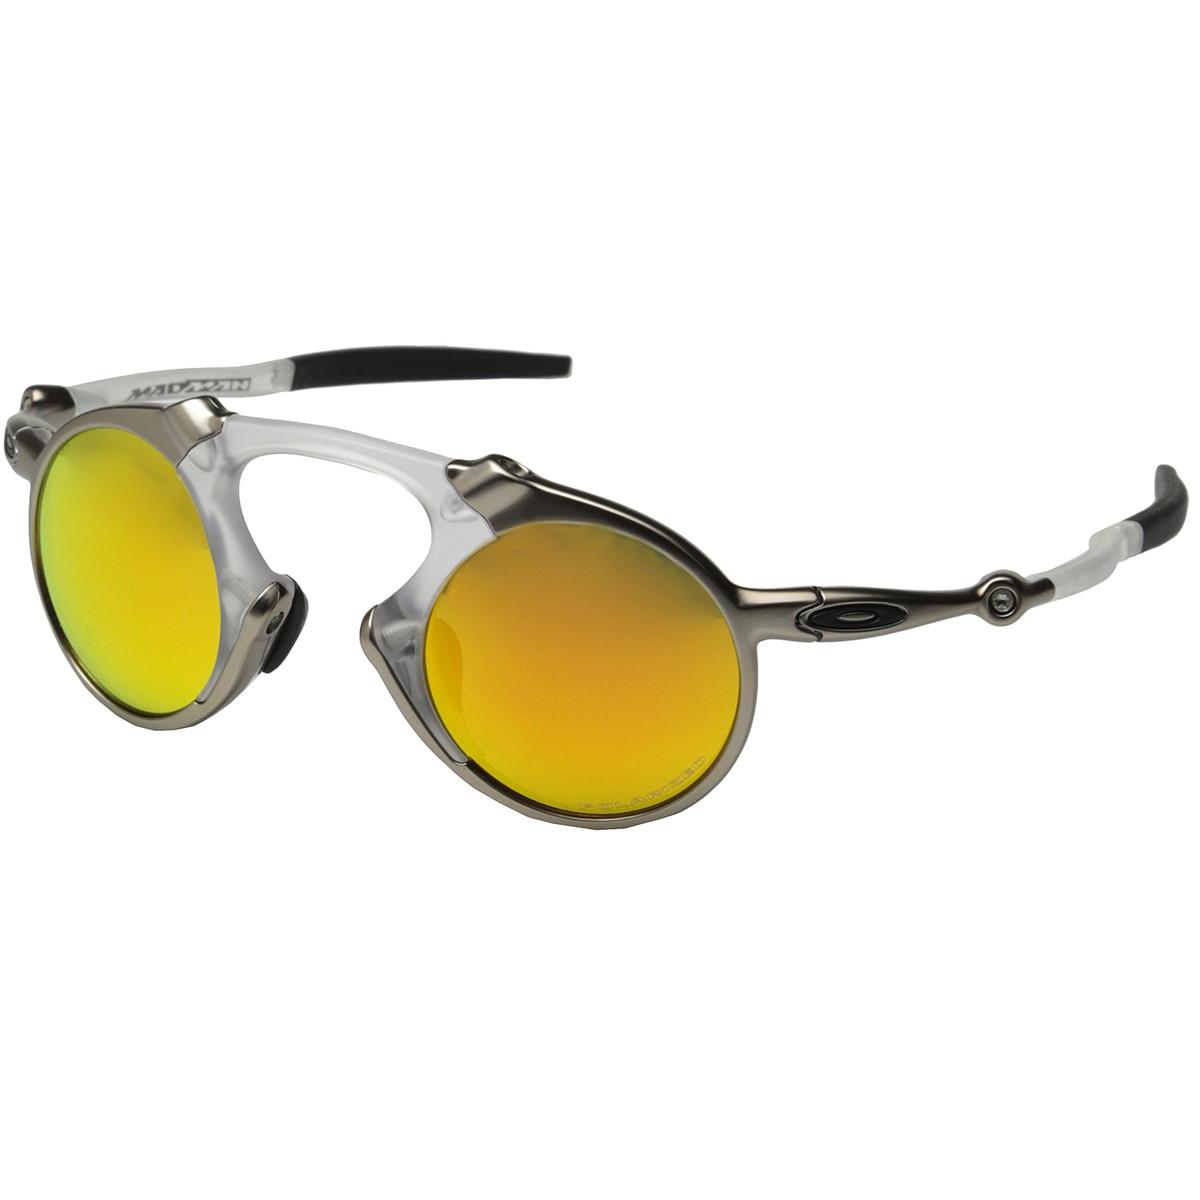 Óculos Oakley Madman Plasma Com Fire Iridium ref OO6019-07 d4f3b2023f